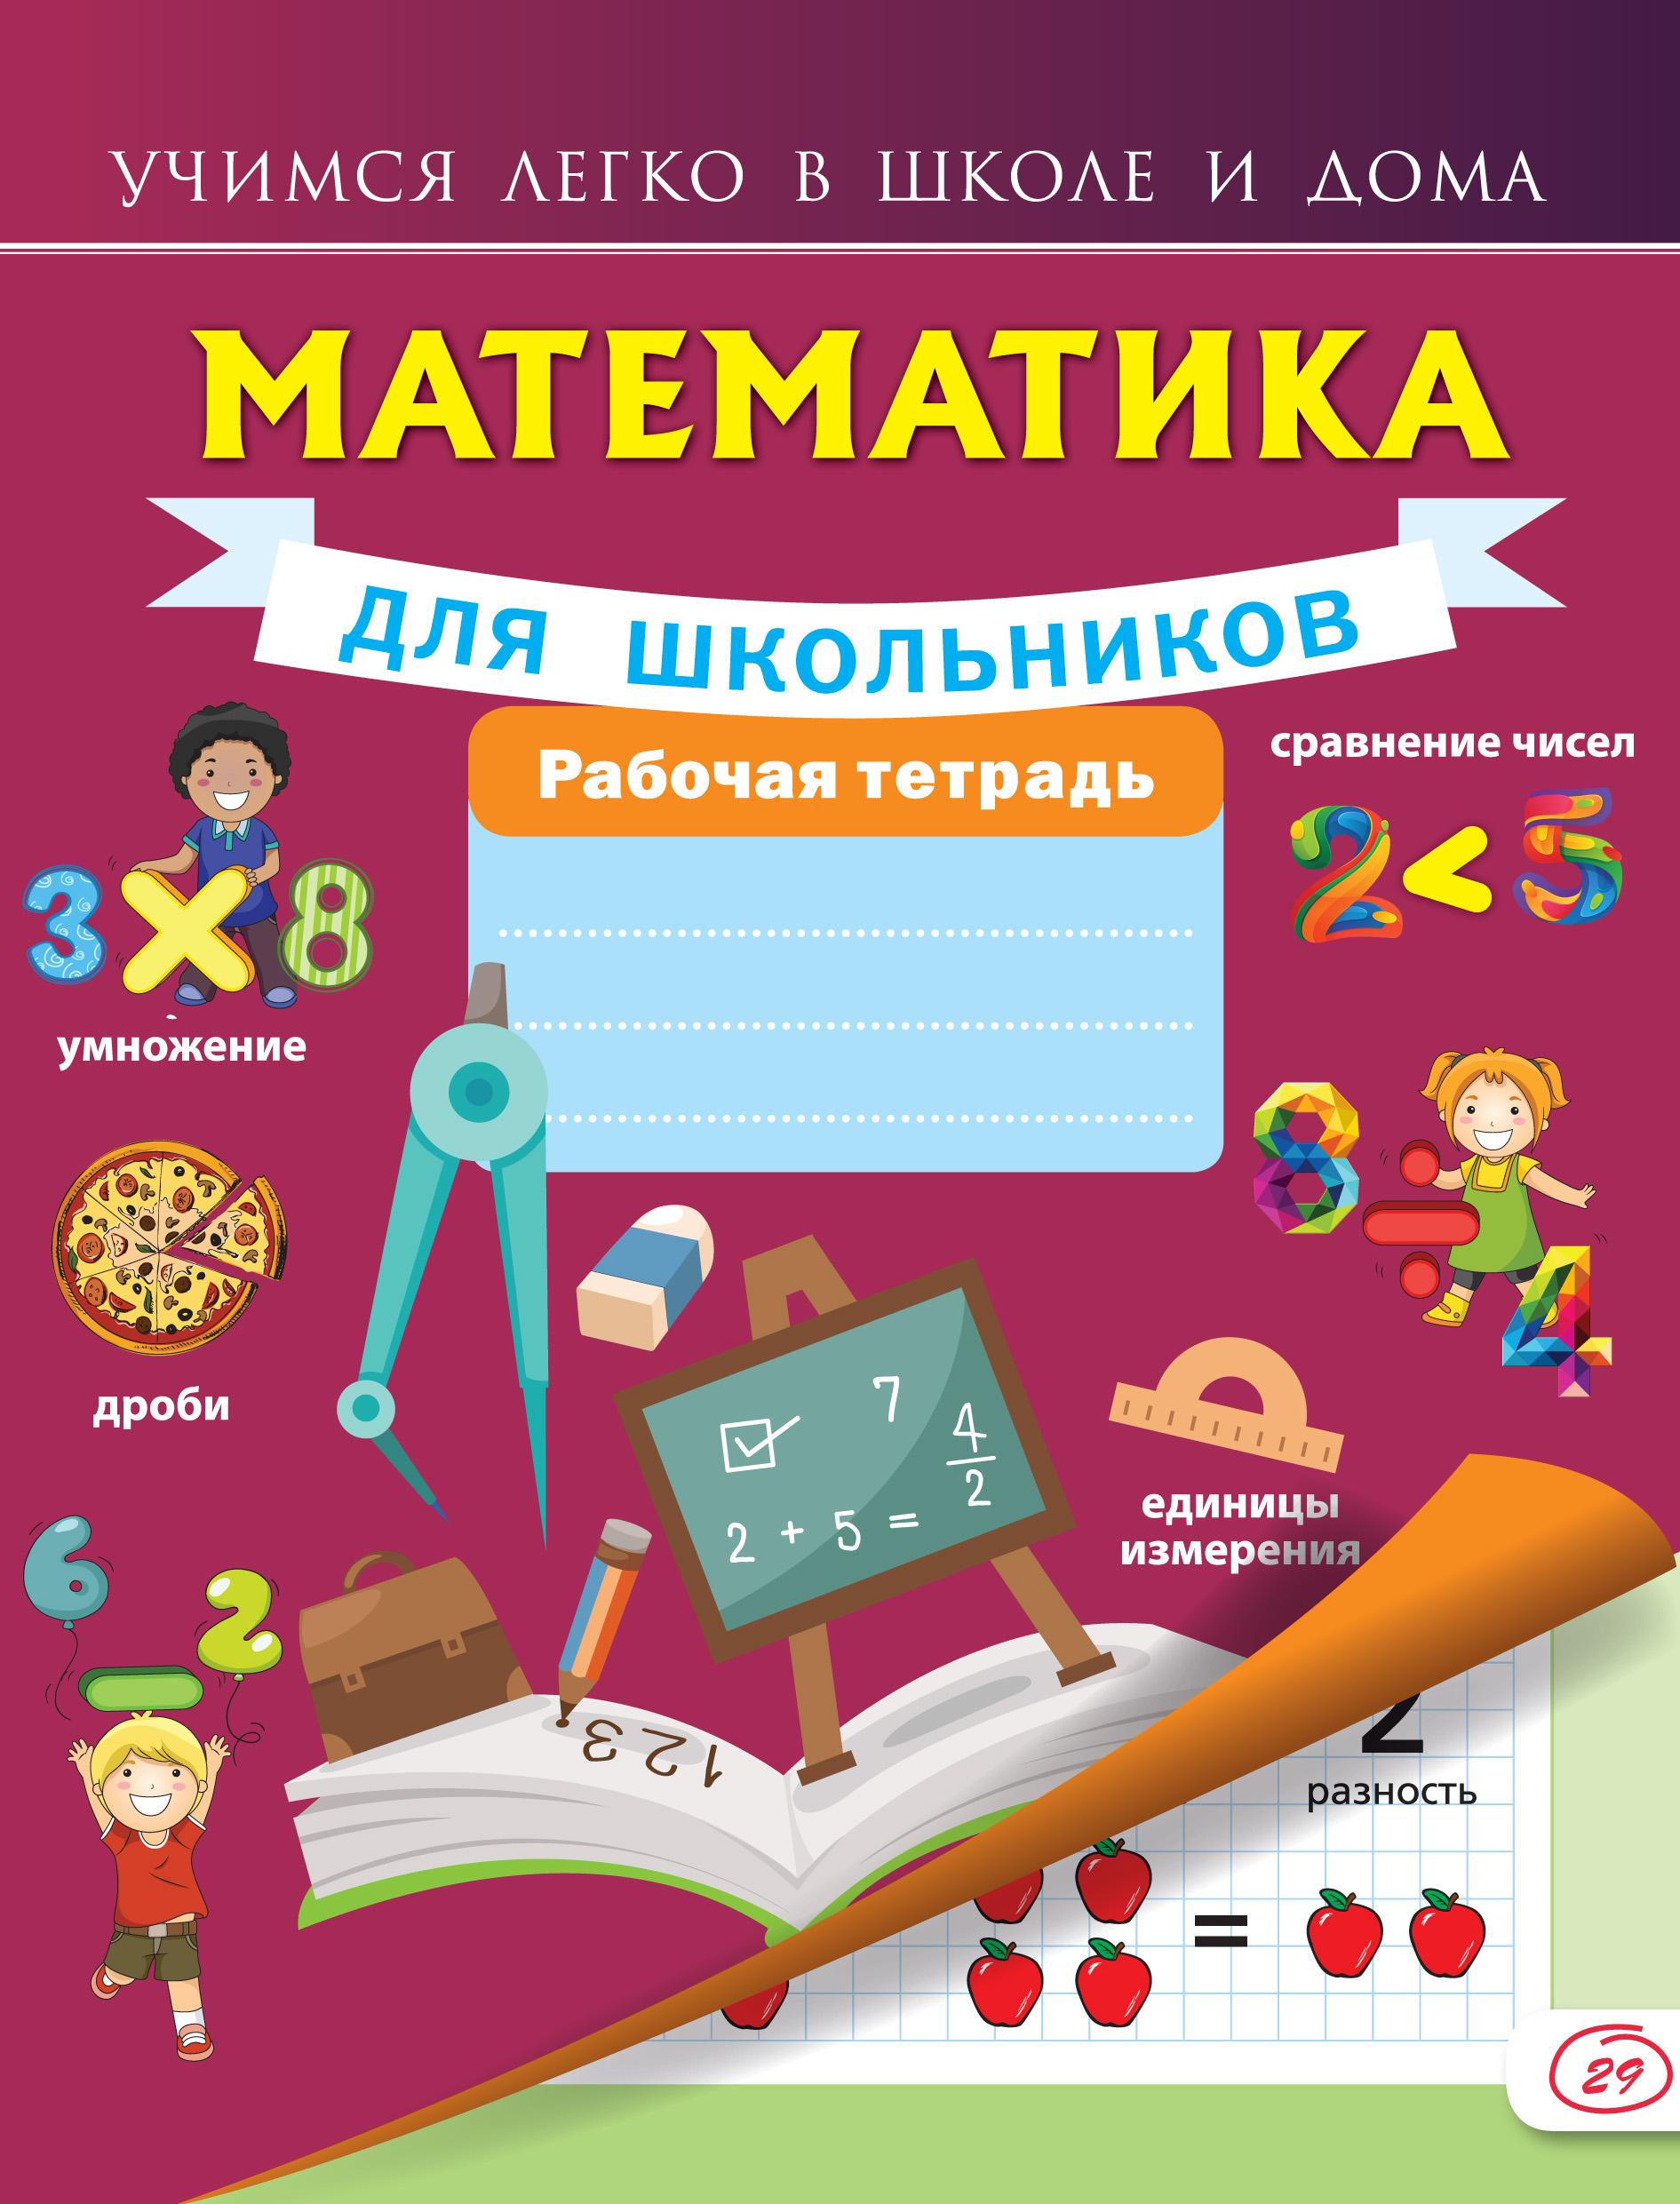 Анна Круглова Математика для школьников. Рабочая тетрадь круглова анна все правила по математике для младших школьников